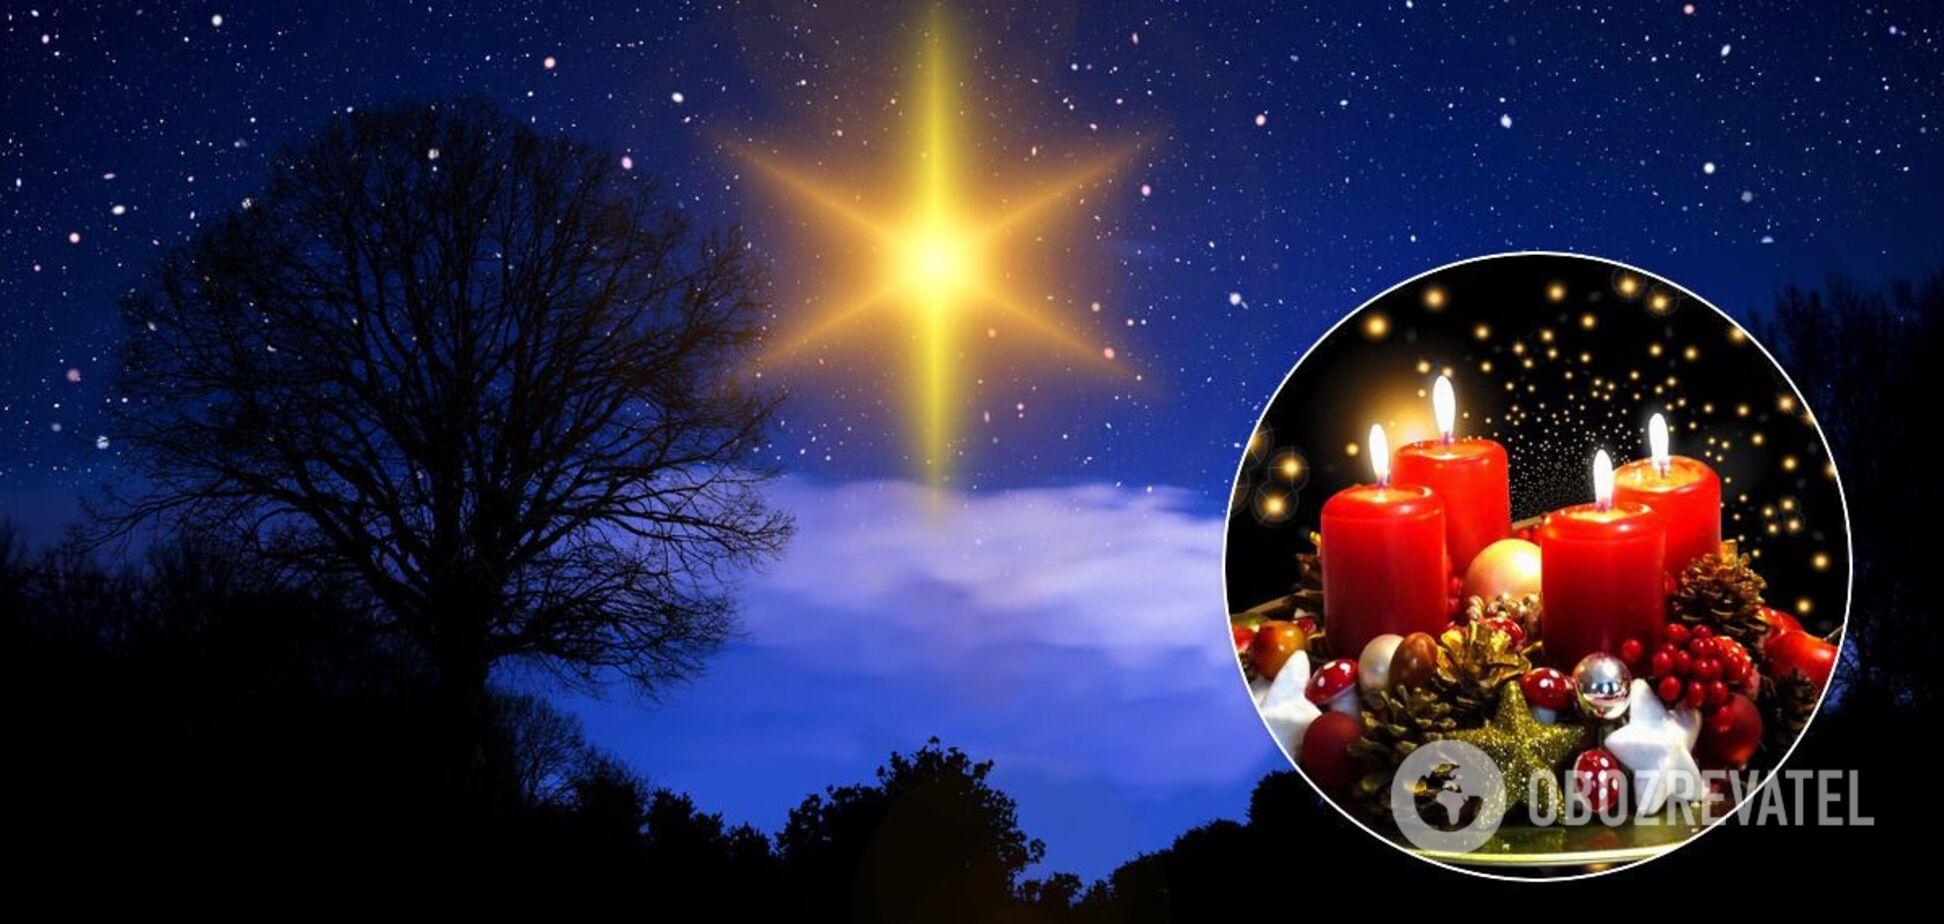 Звичай дарувати подарунки на Різдво з'явився завдяки Євангельській історії про волхвів, які принесли свої дари Ісусу